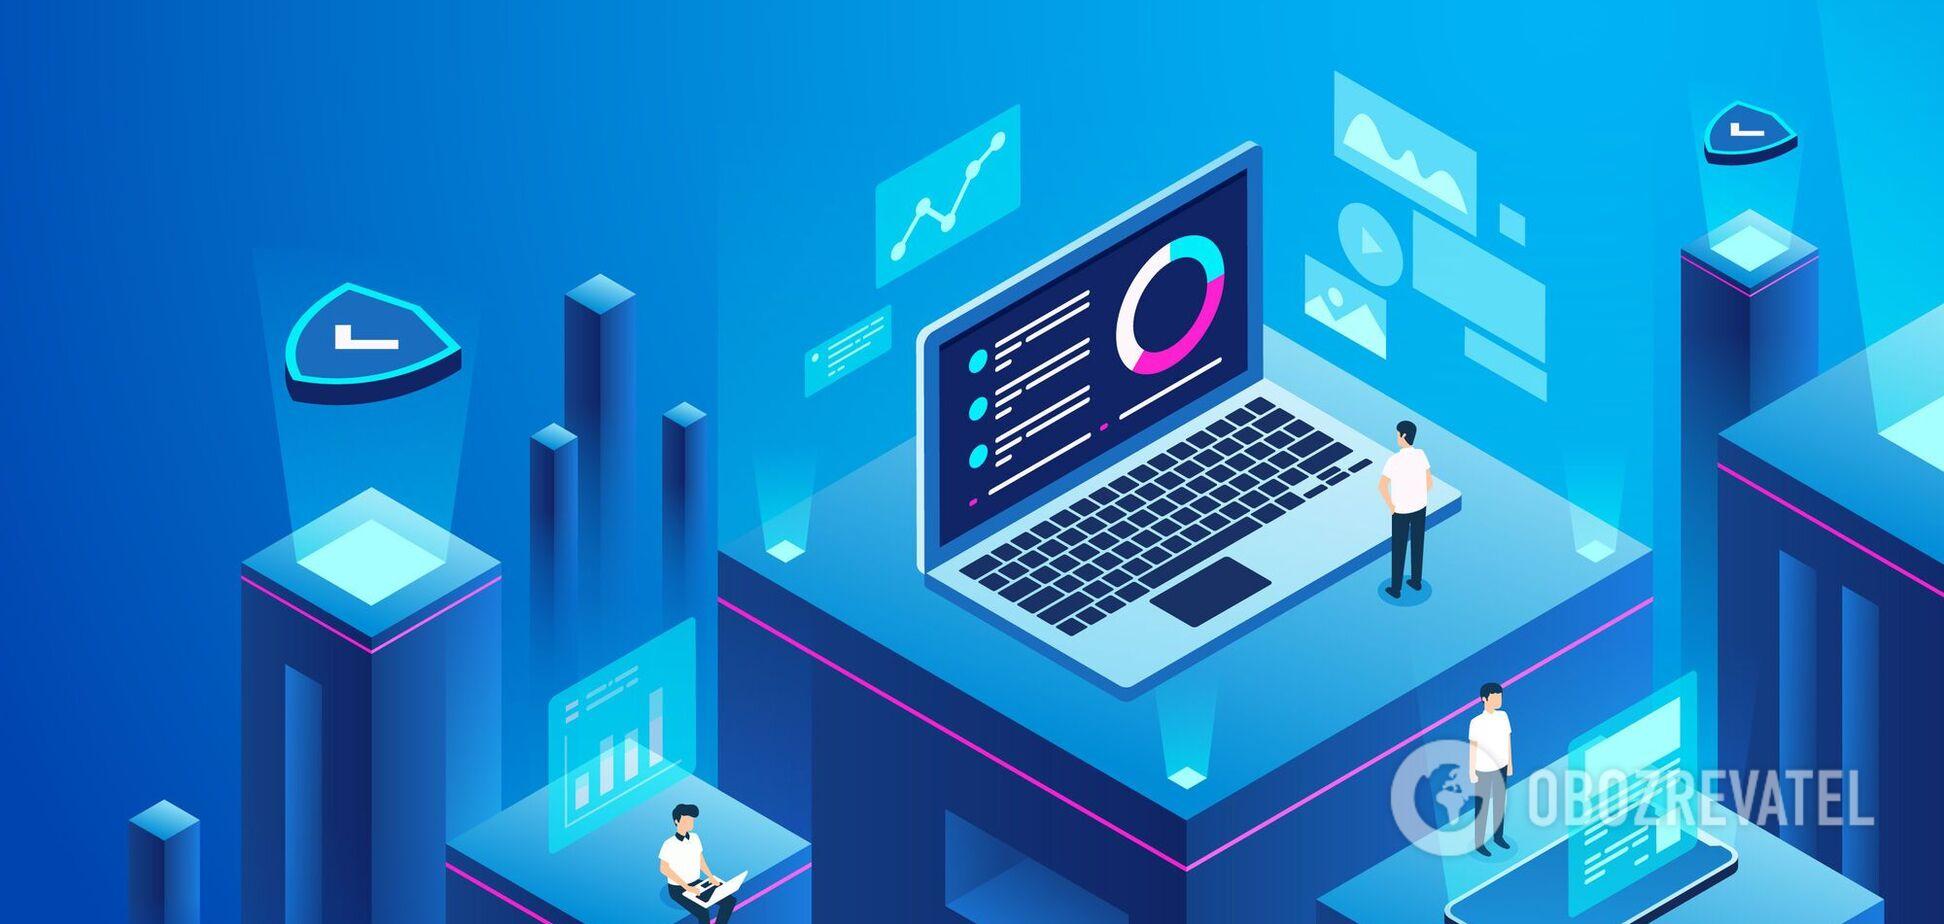 Роль технологий в сценариях развития до 2040 года: разбираем отчет Национального совета по разведке США